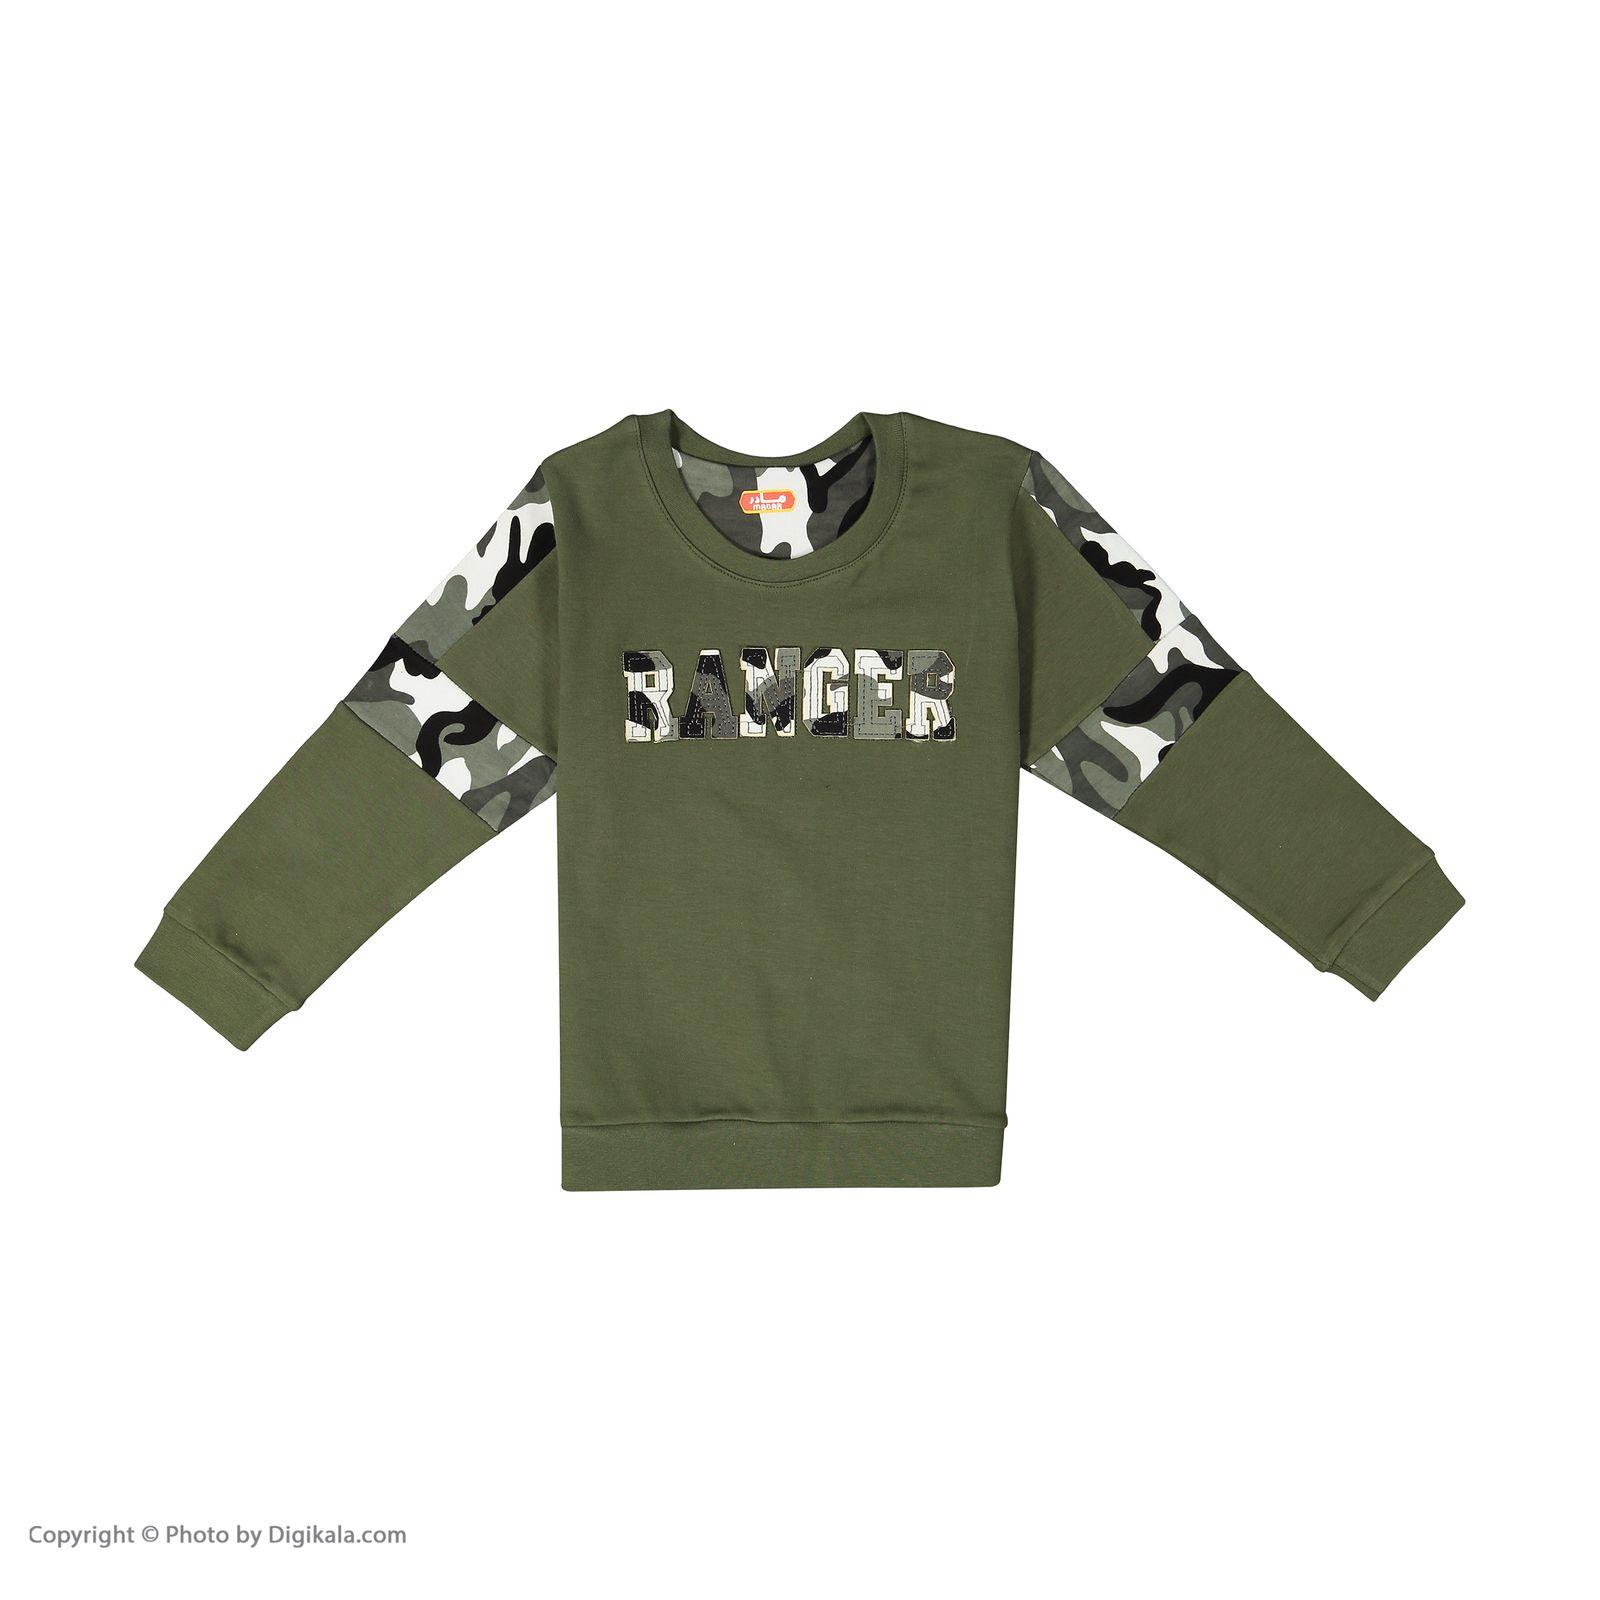 ست تی شرت و شلوار دخترانه مادر مدل 311-49 main 1 2